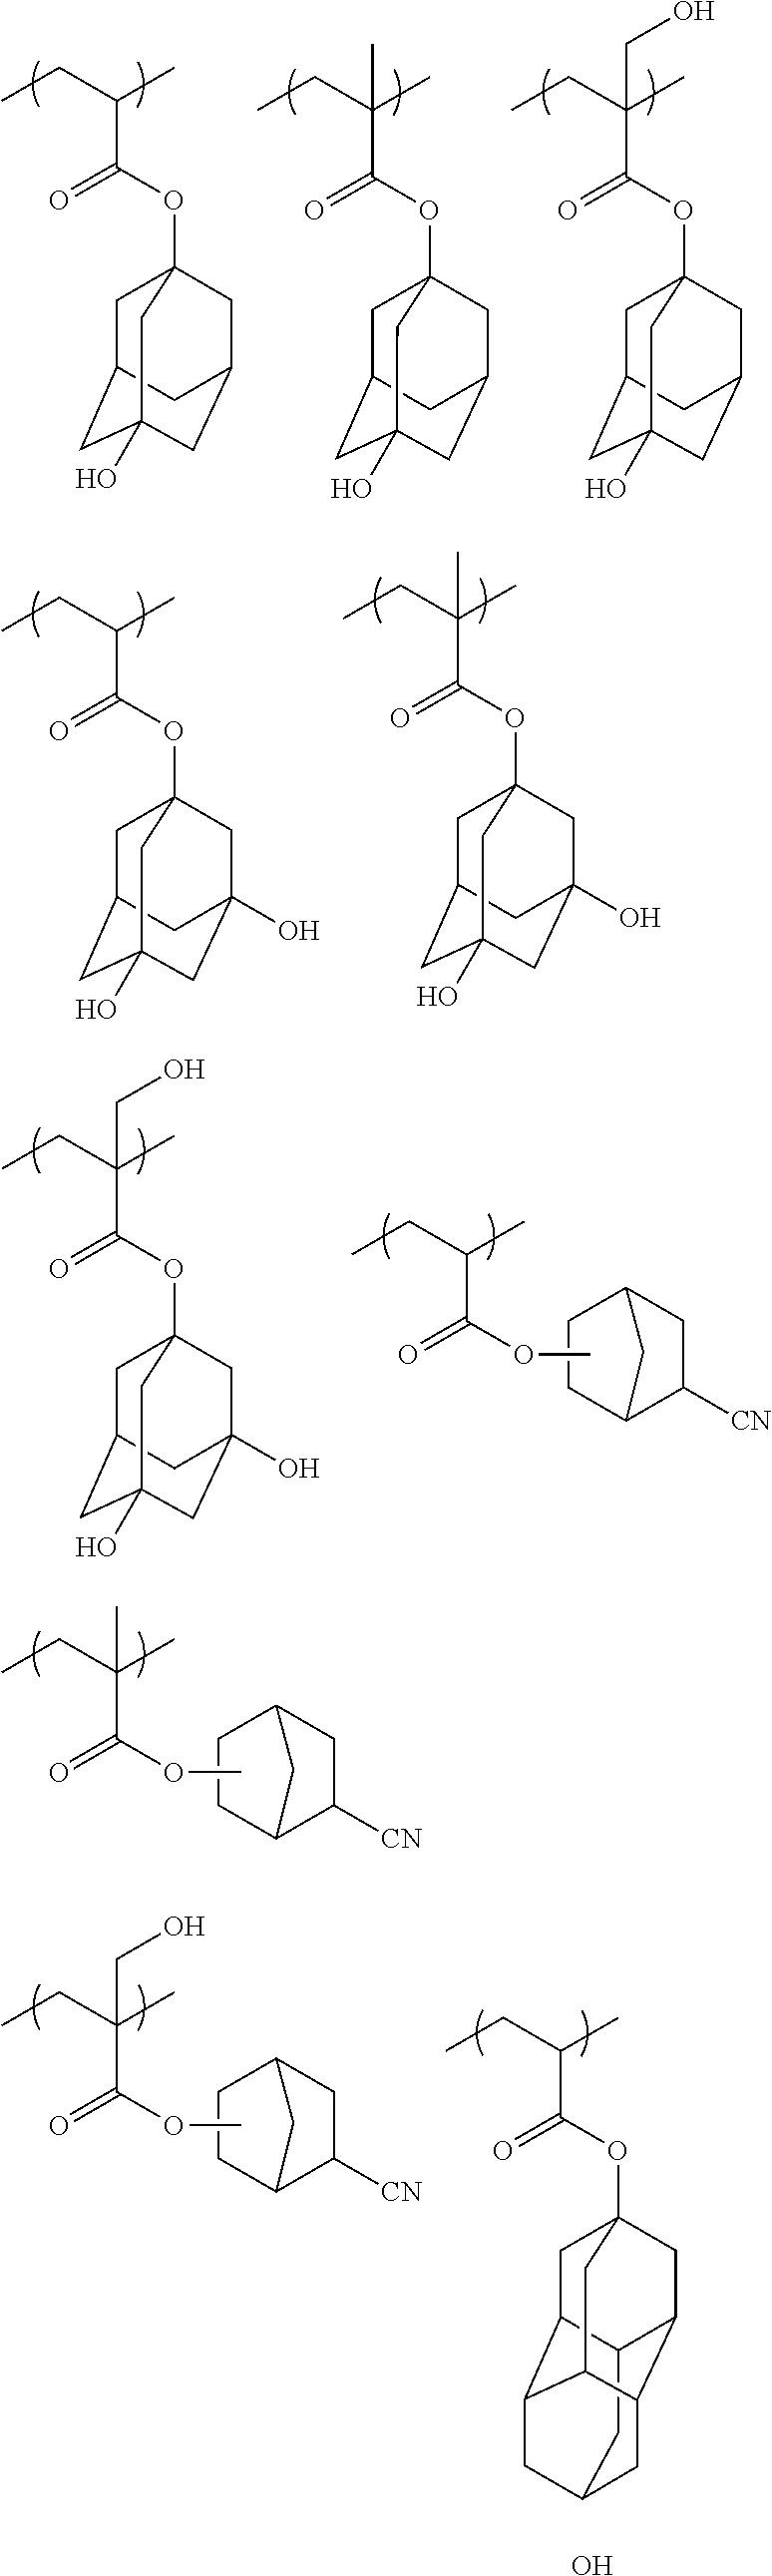 Figure US20110183258A1-20110728-C00054